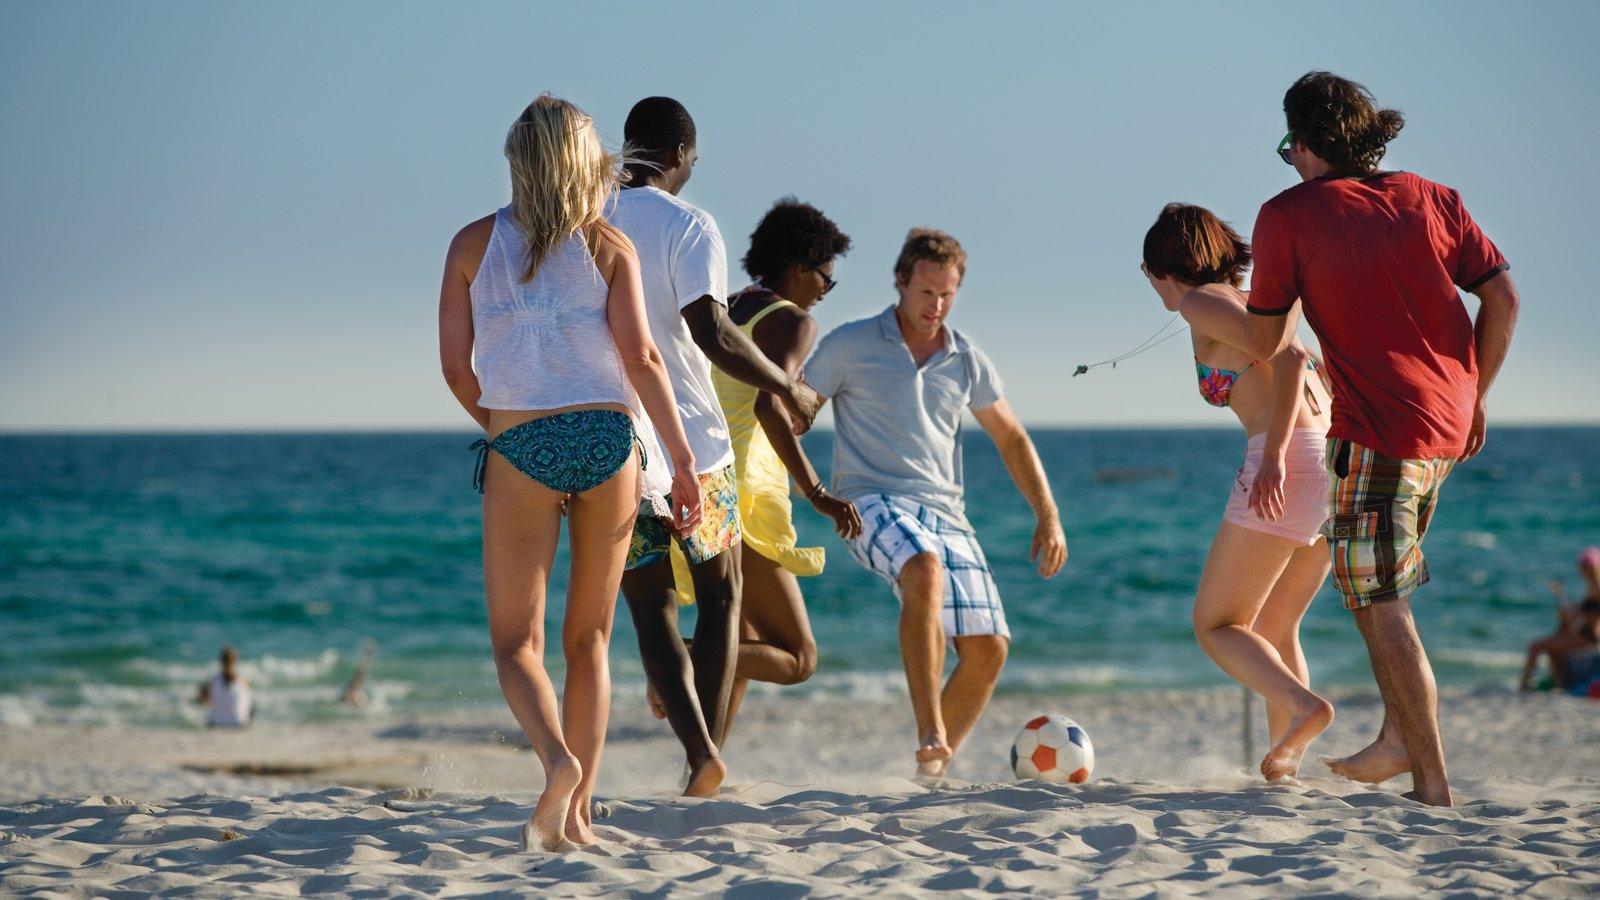 Panama City Beach que inclui uma praia de areia assim como um pequeno grupo de pessoas